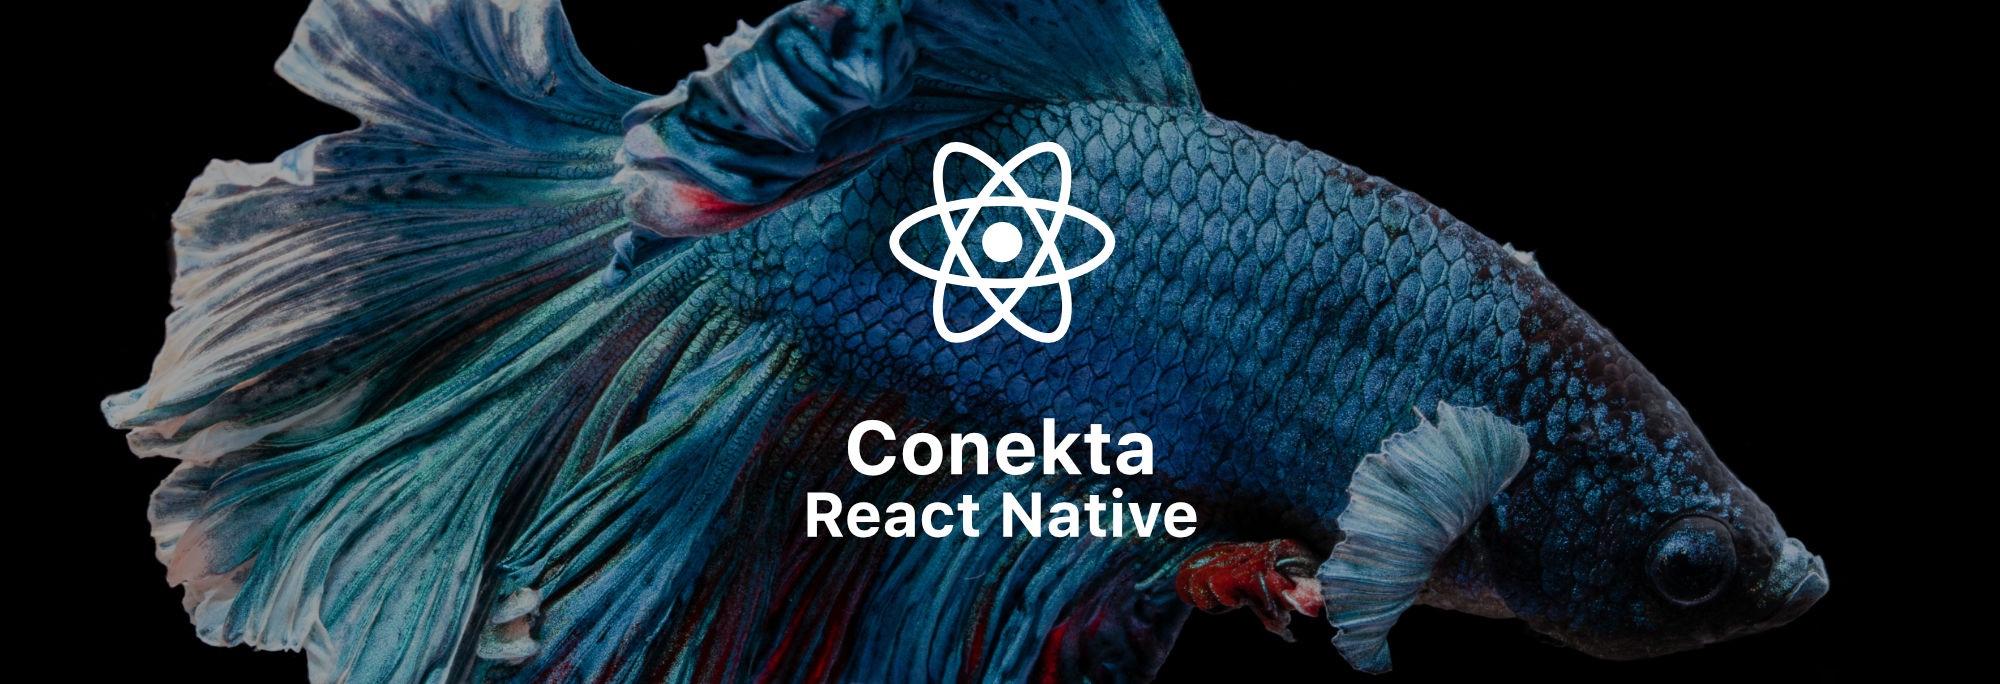 Conekta React Native banner